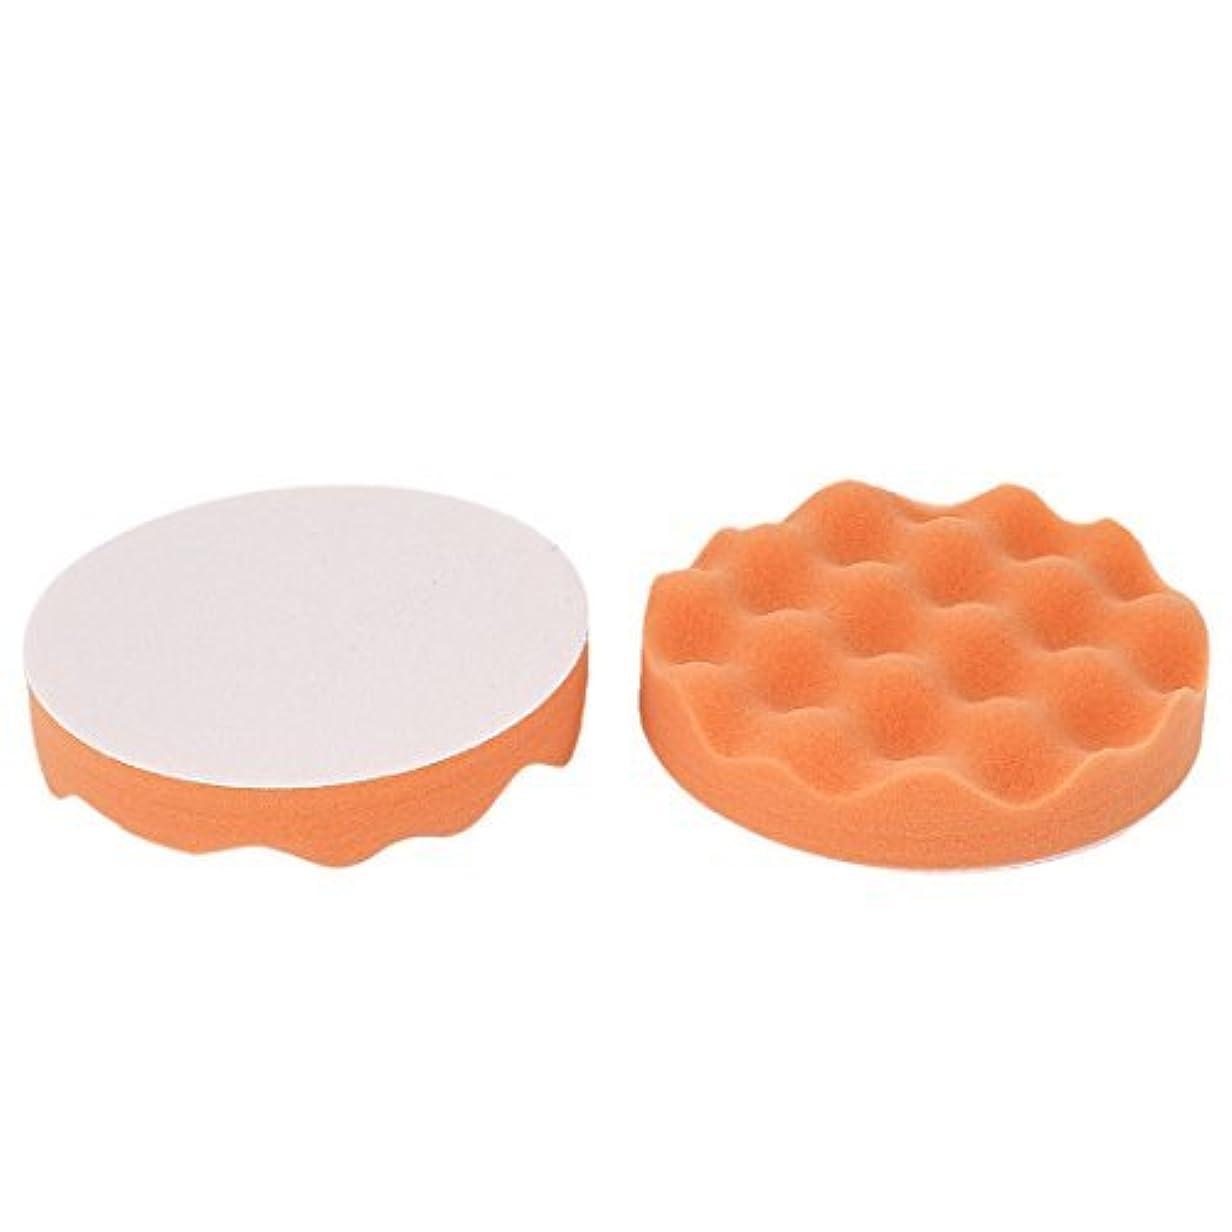 ライフルブラシスラム街2個ウェーブ研磨クリーニングパッドオレンジ15センチメートルディア